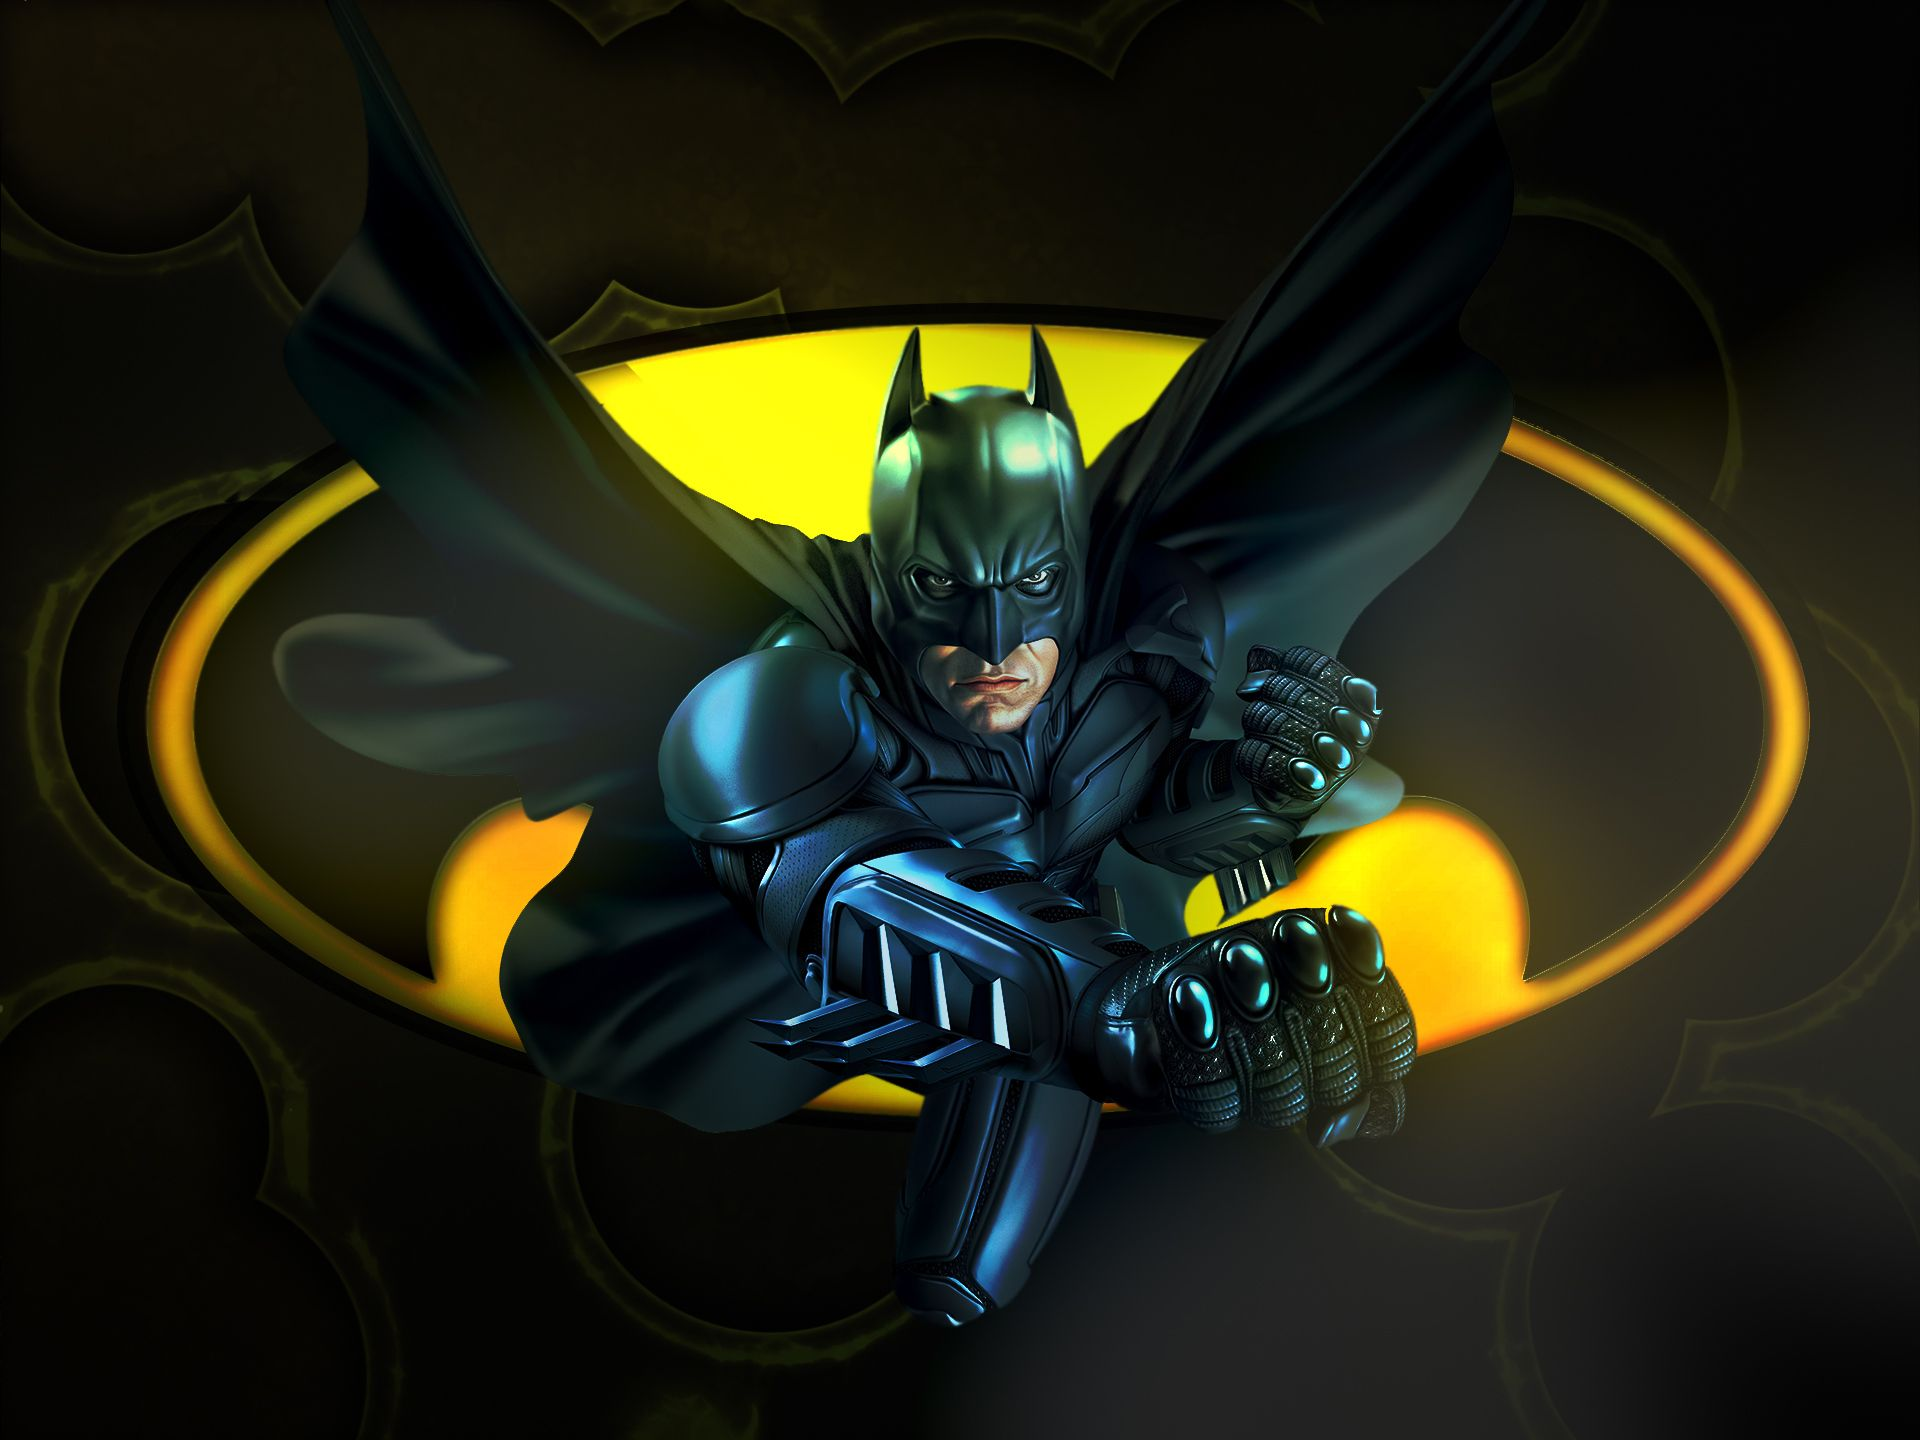 Best Wallpaper Mobile Batman - ebe1d461c2019598d38d1ae6a6394609  Collection_839138.jpg